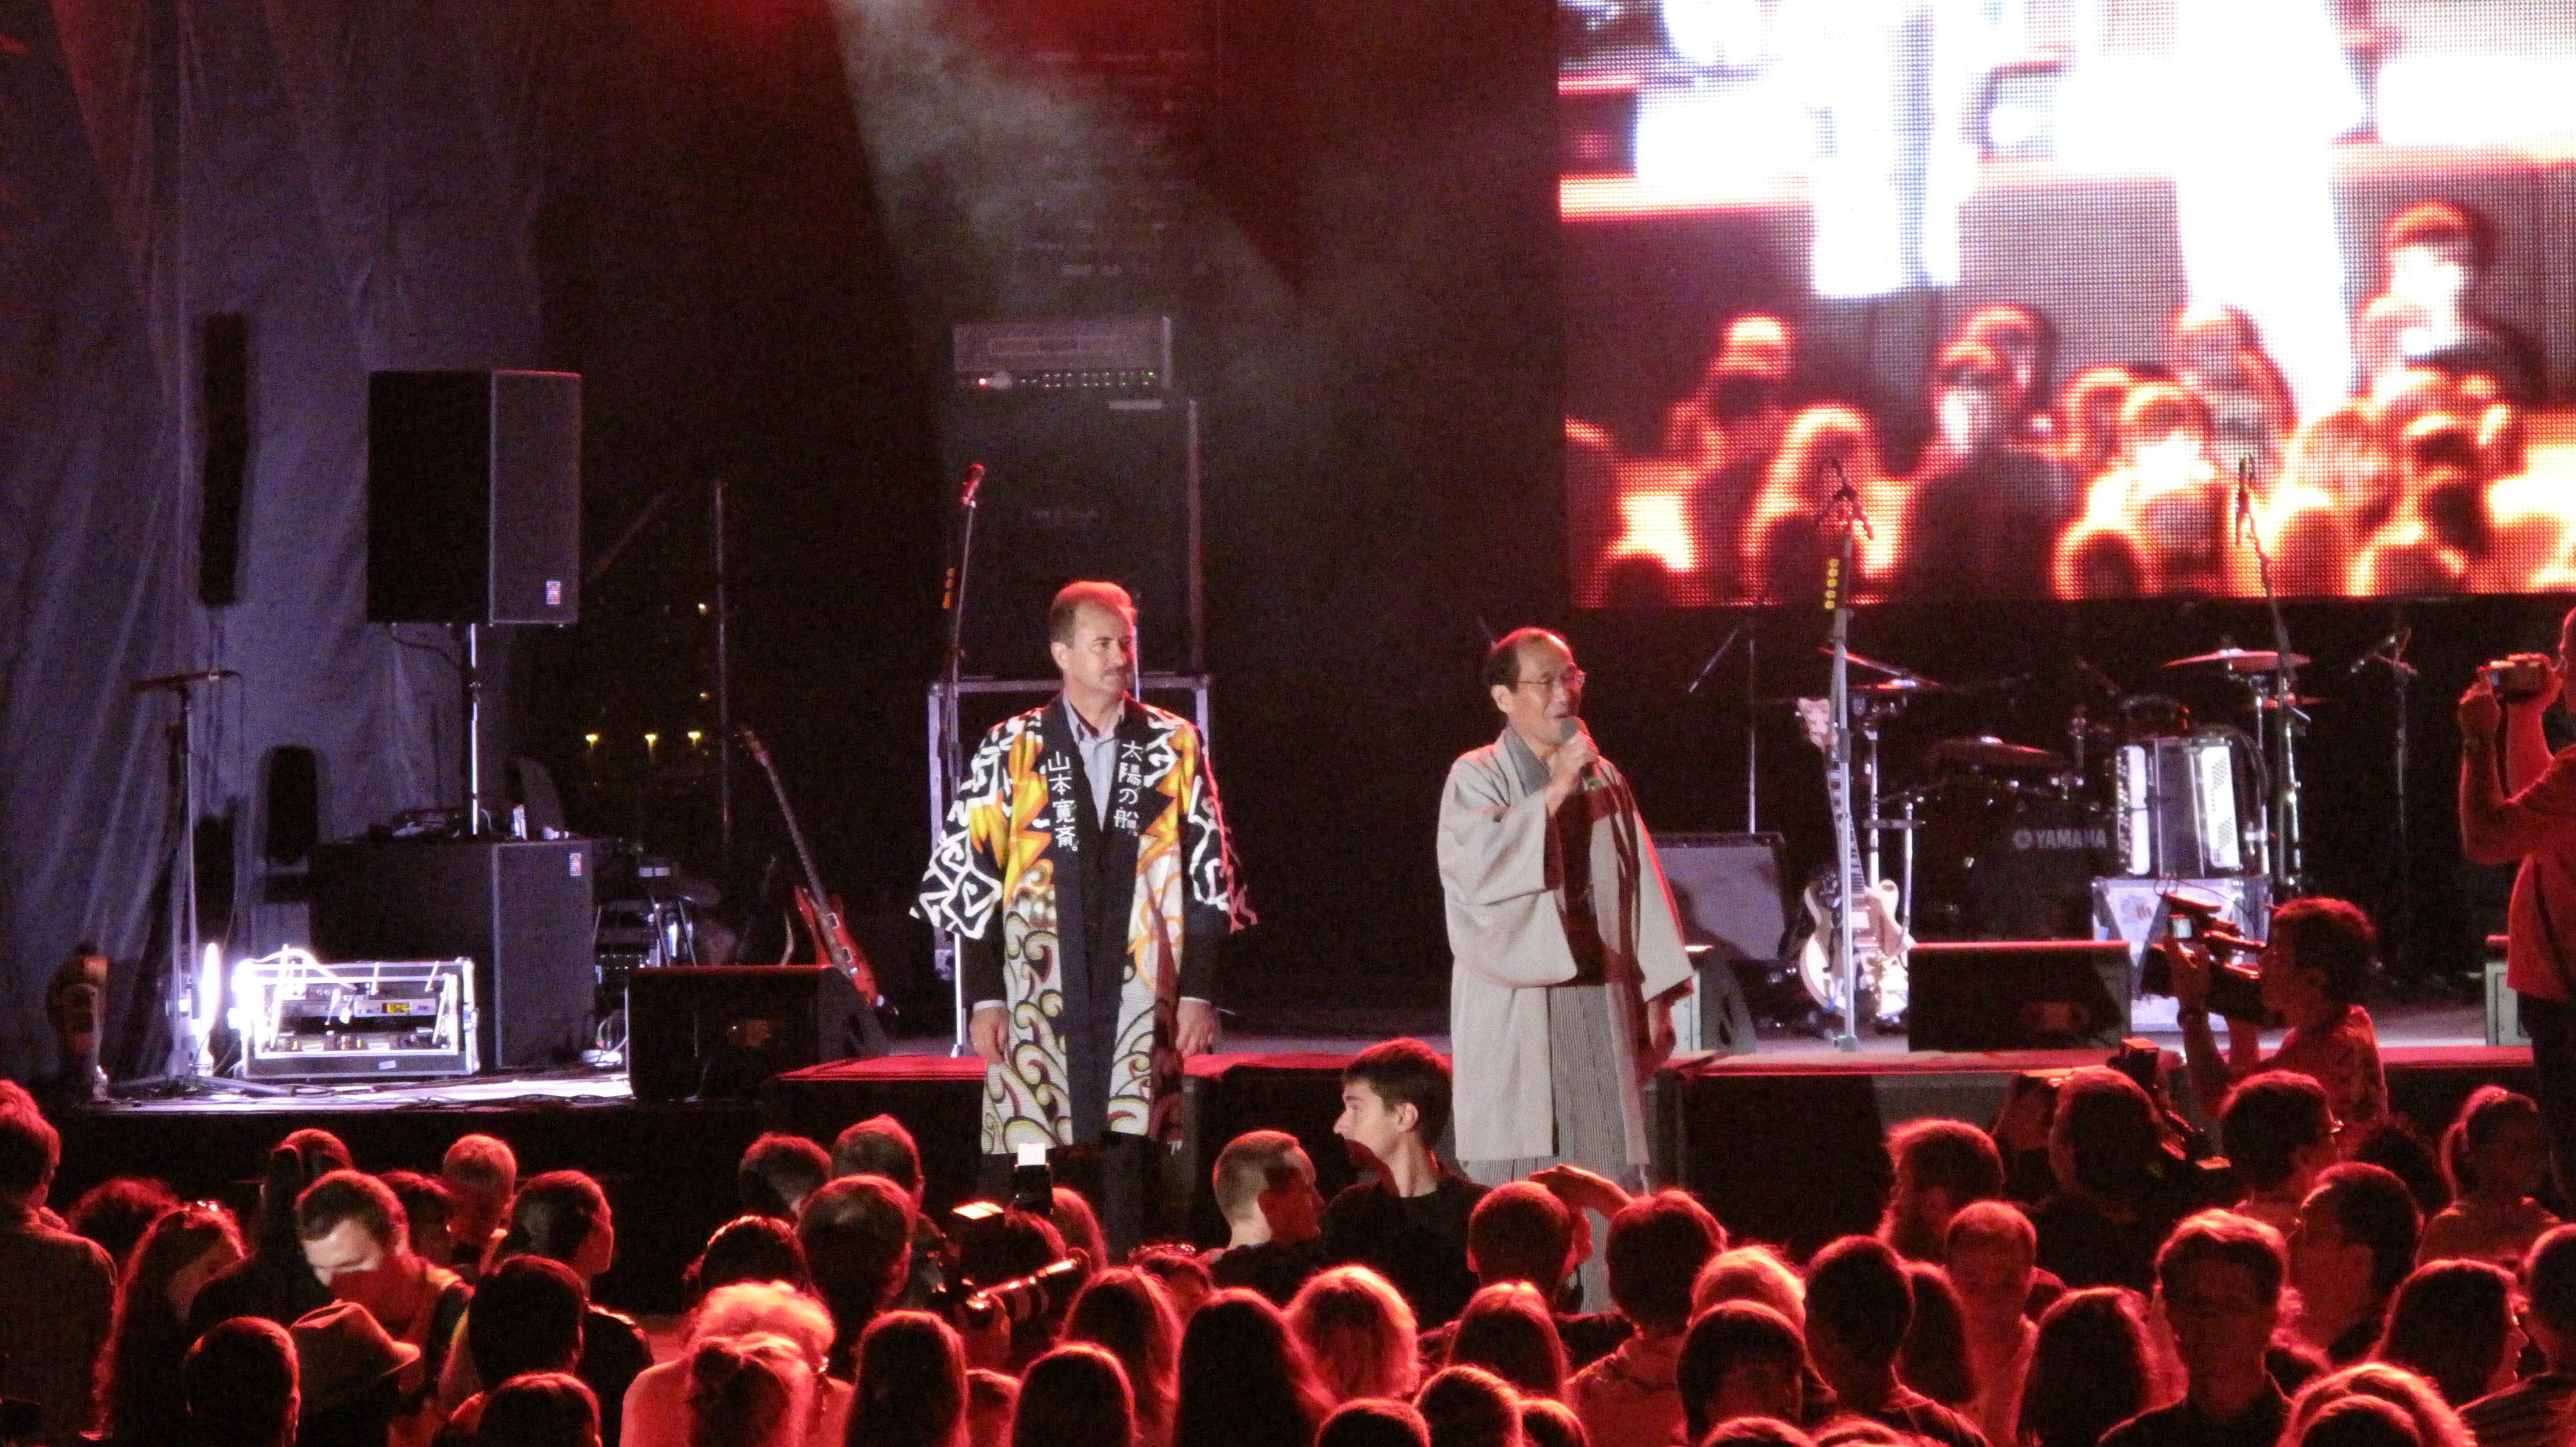 Фото: Віктор Поздняков/The Epoch Times Україна